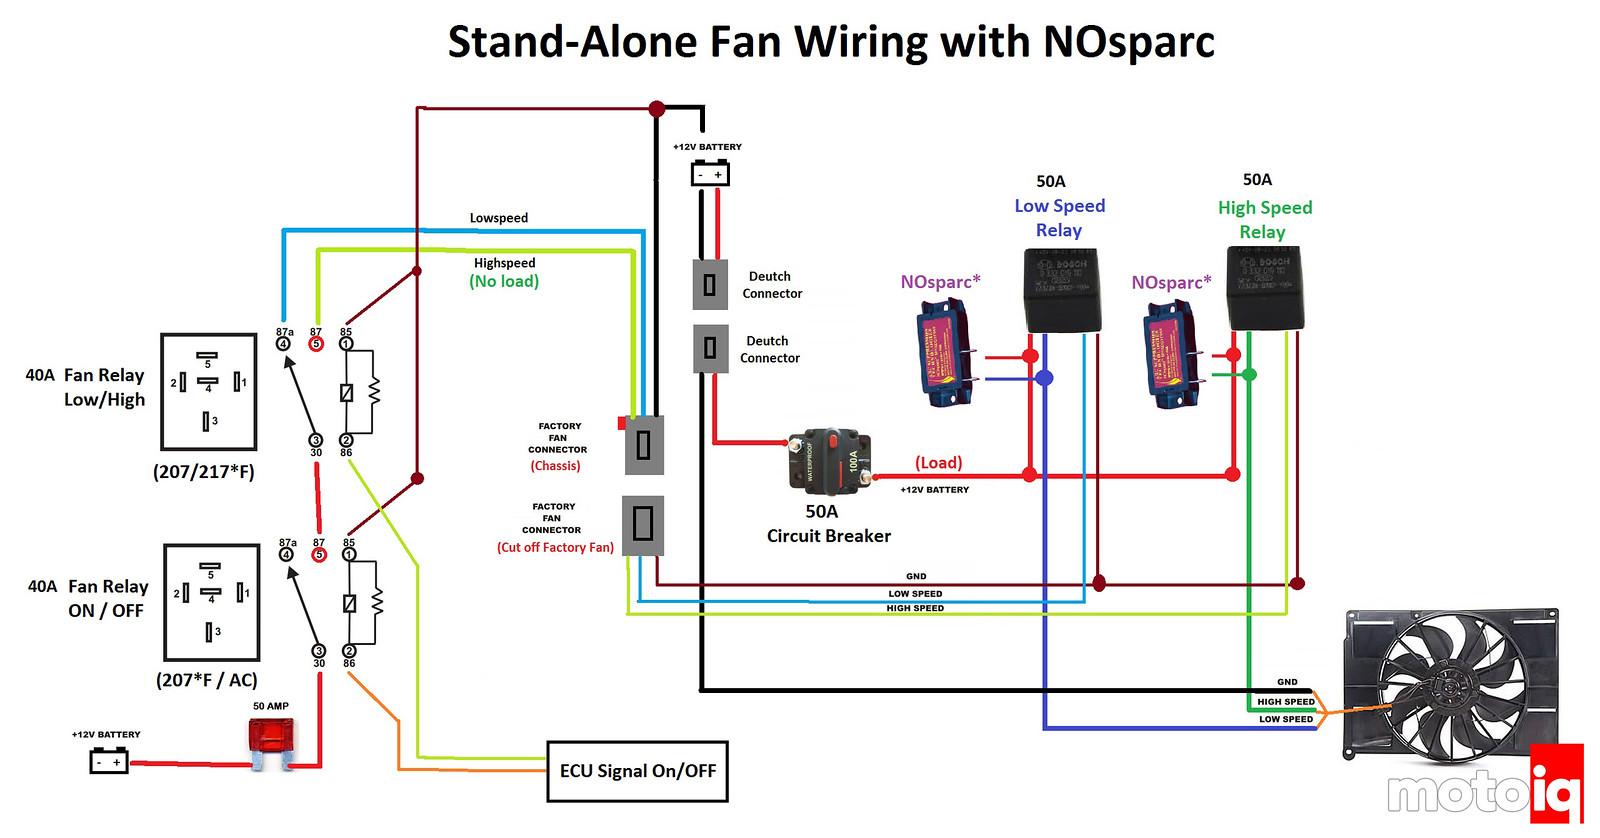 NoSparc Fan Wiring Schematic